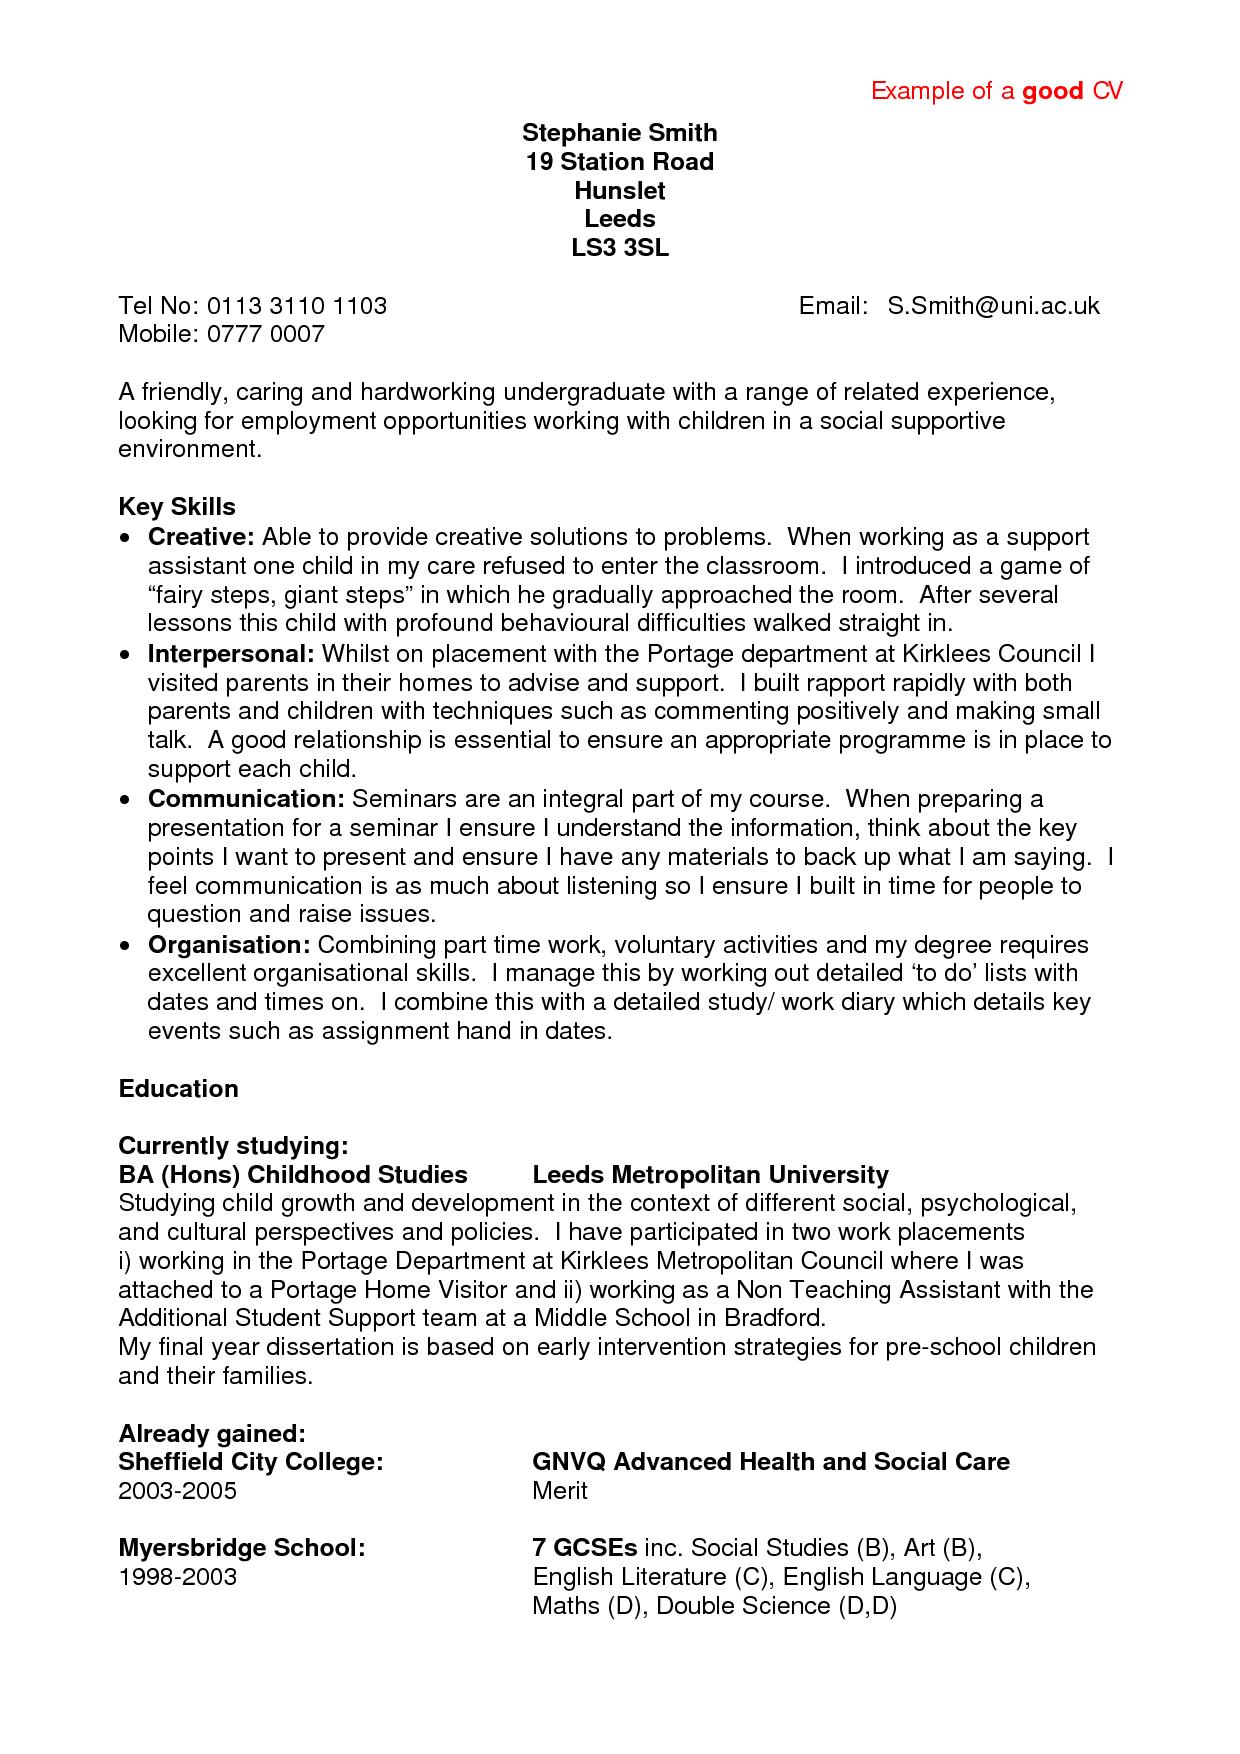 online resume cover letter builder